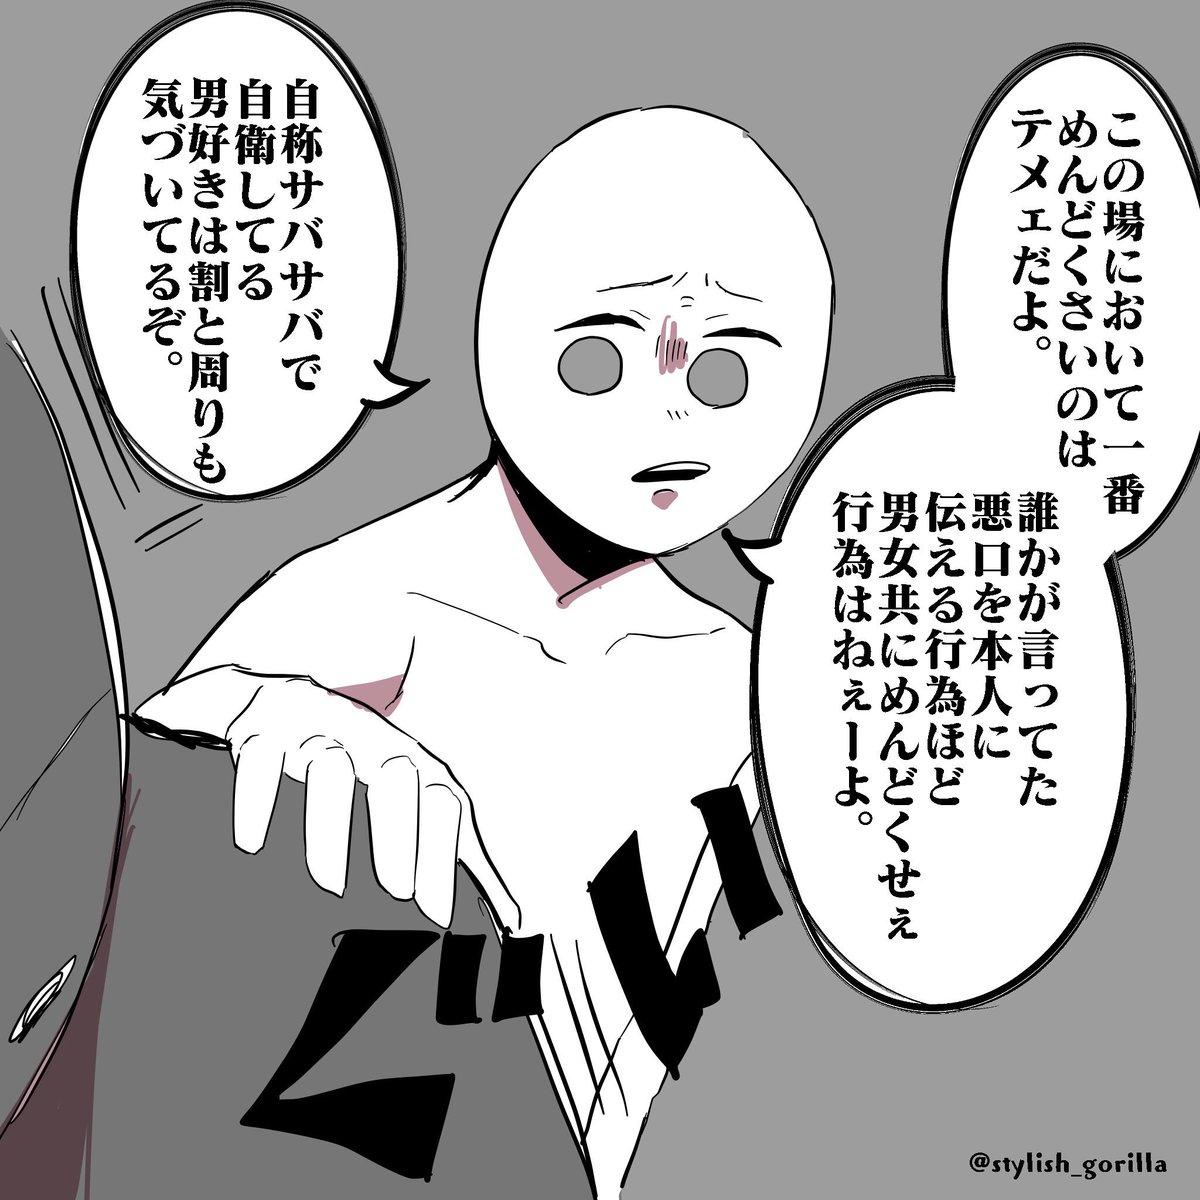 夏ノ瀬 いのさんの投稿画像